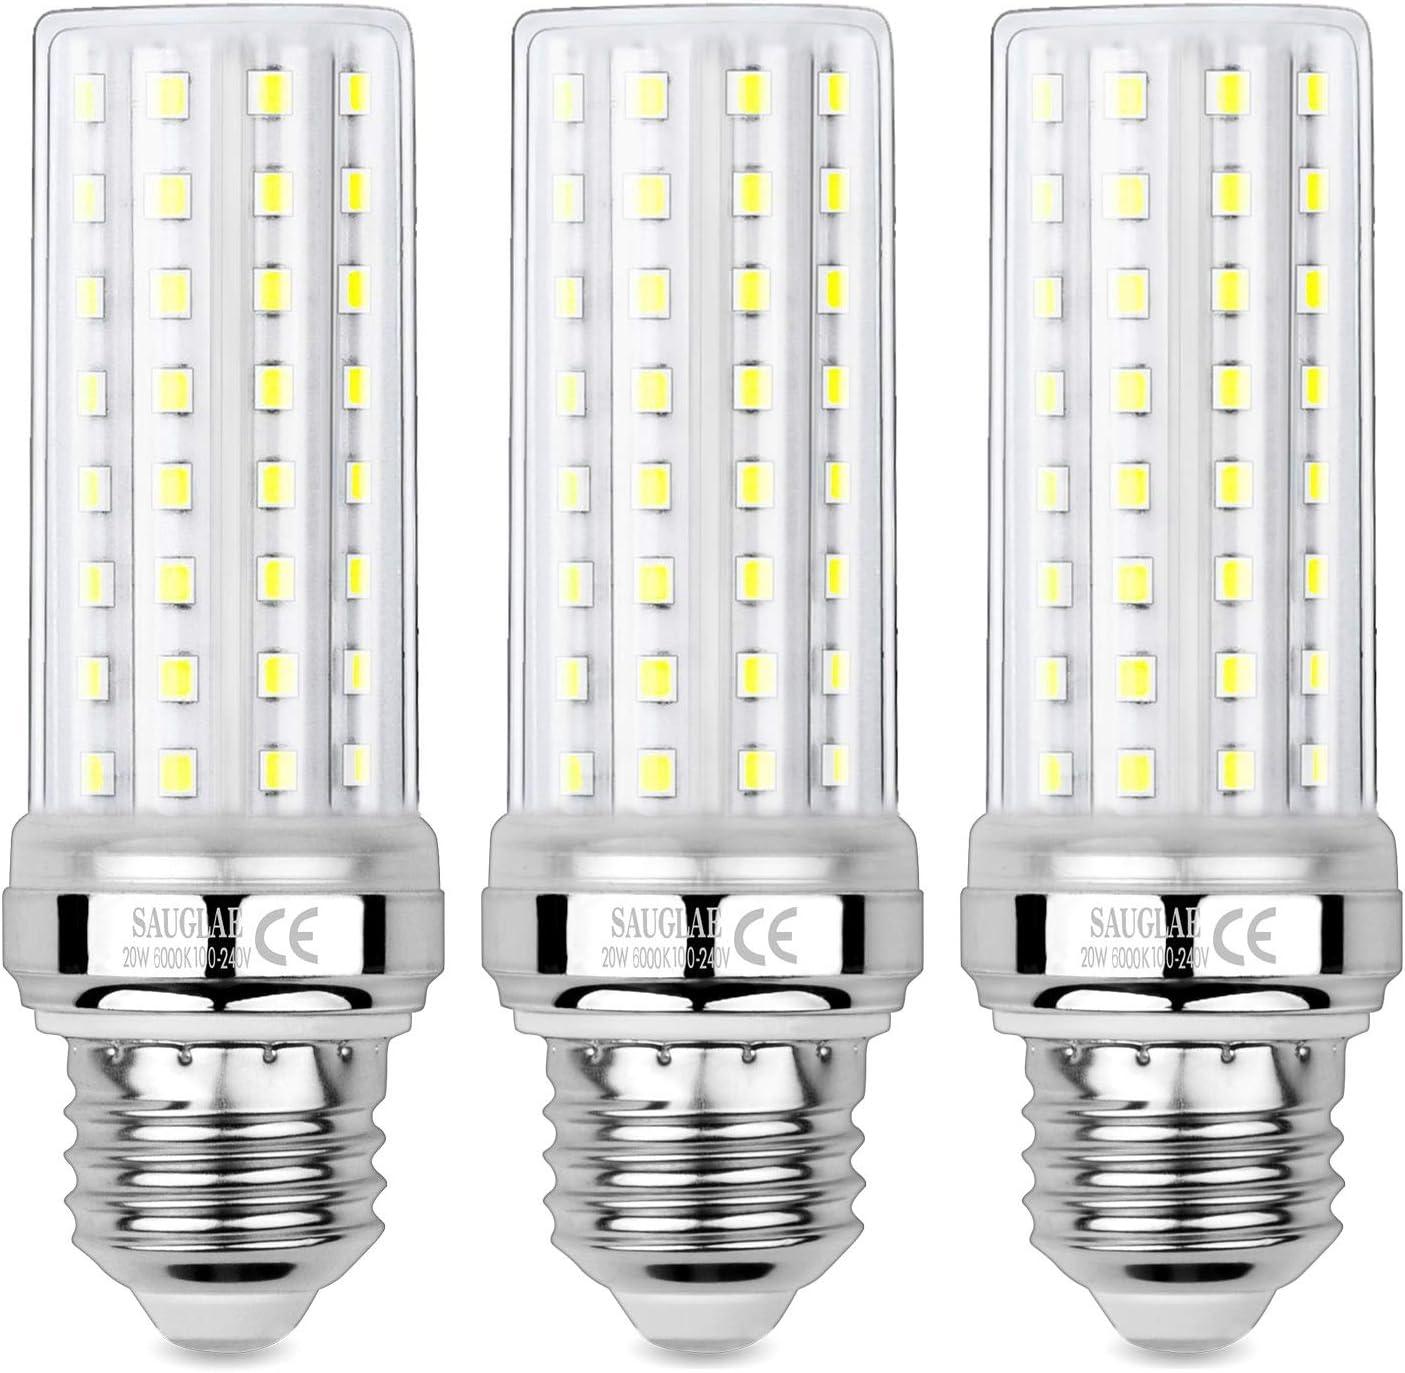 Sauglae Bombillas LED de Maíz de 20W, Bombillas Incandescentes Equivalente de 150W, Blanco Frío de 6000K, 2000 lm, Bombillas de Tornillo Edison E27, 3 Piezas